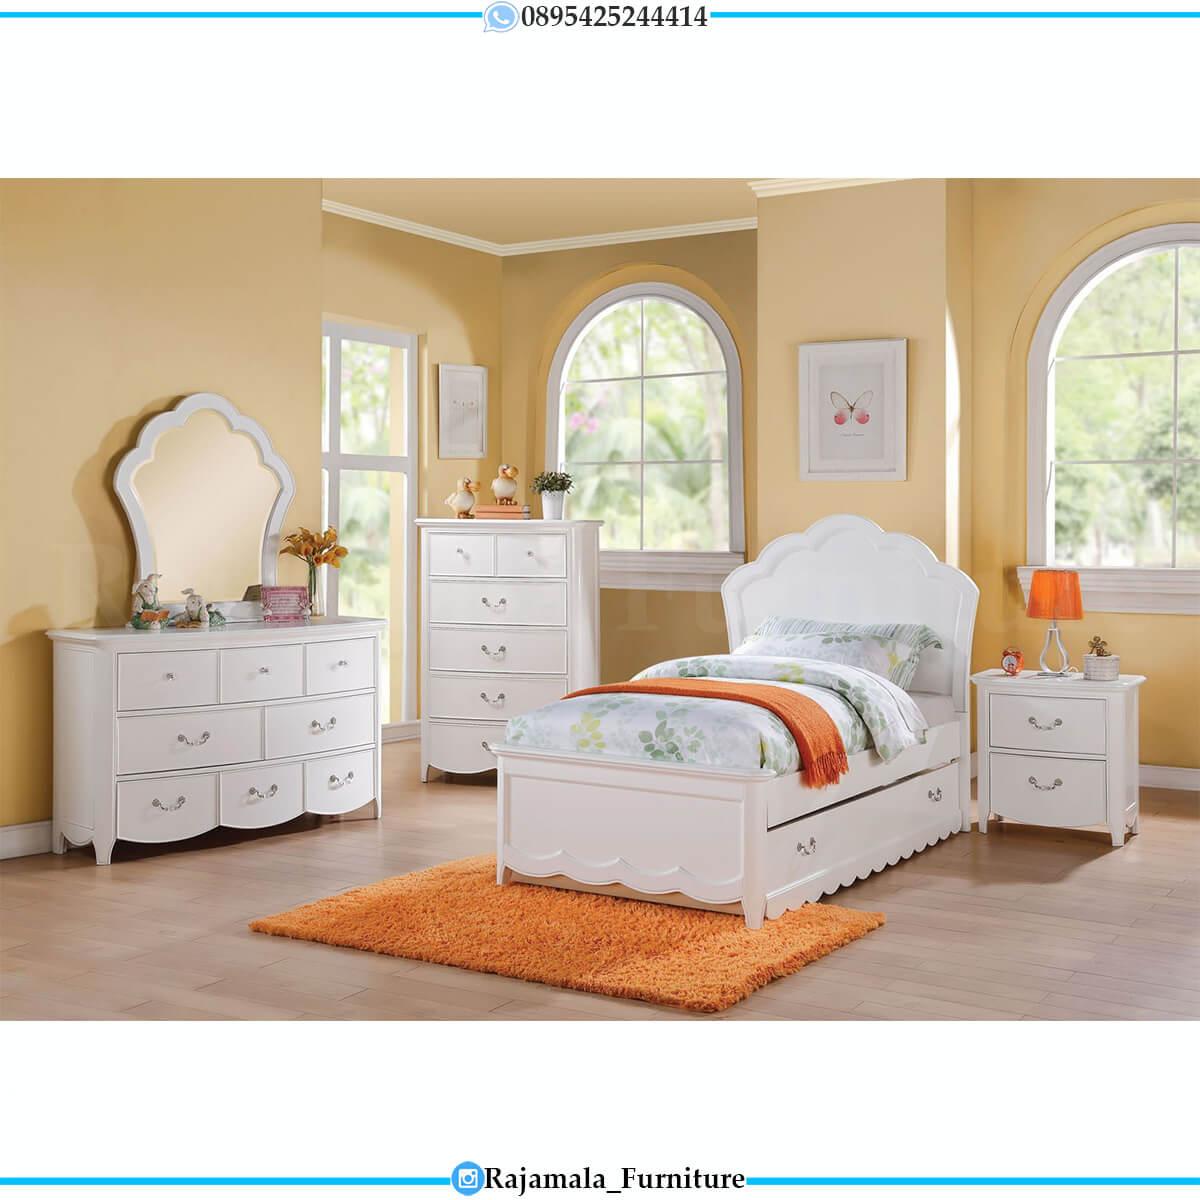 Tempat Tidur Anak Minimalis Putih Elegant Simple Design RM-0631